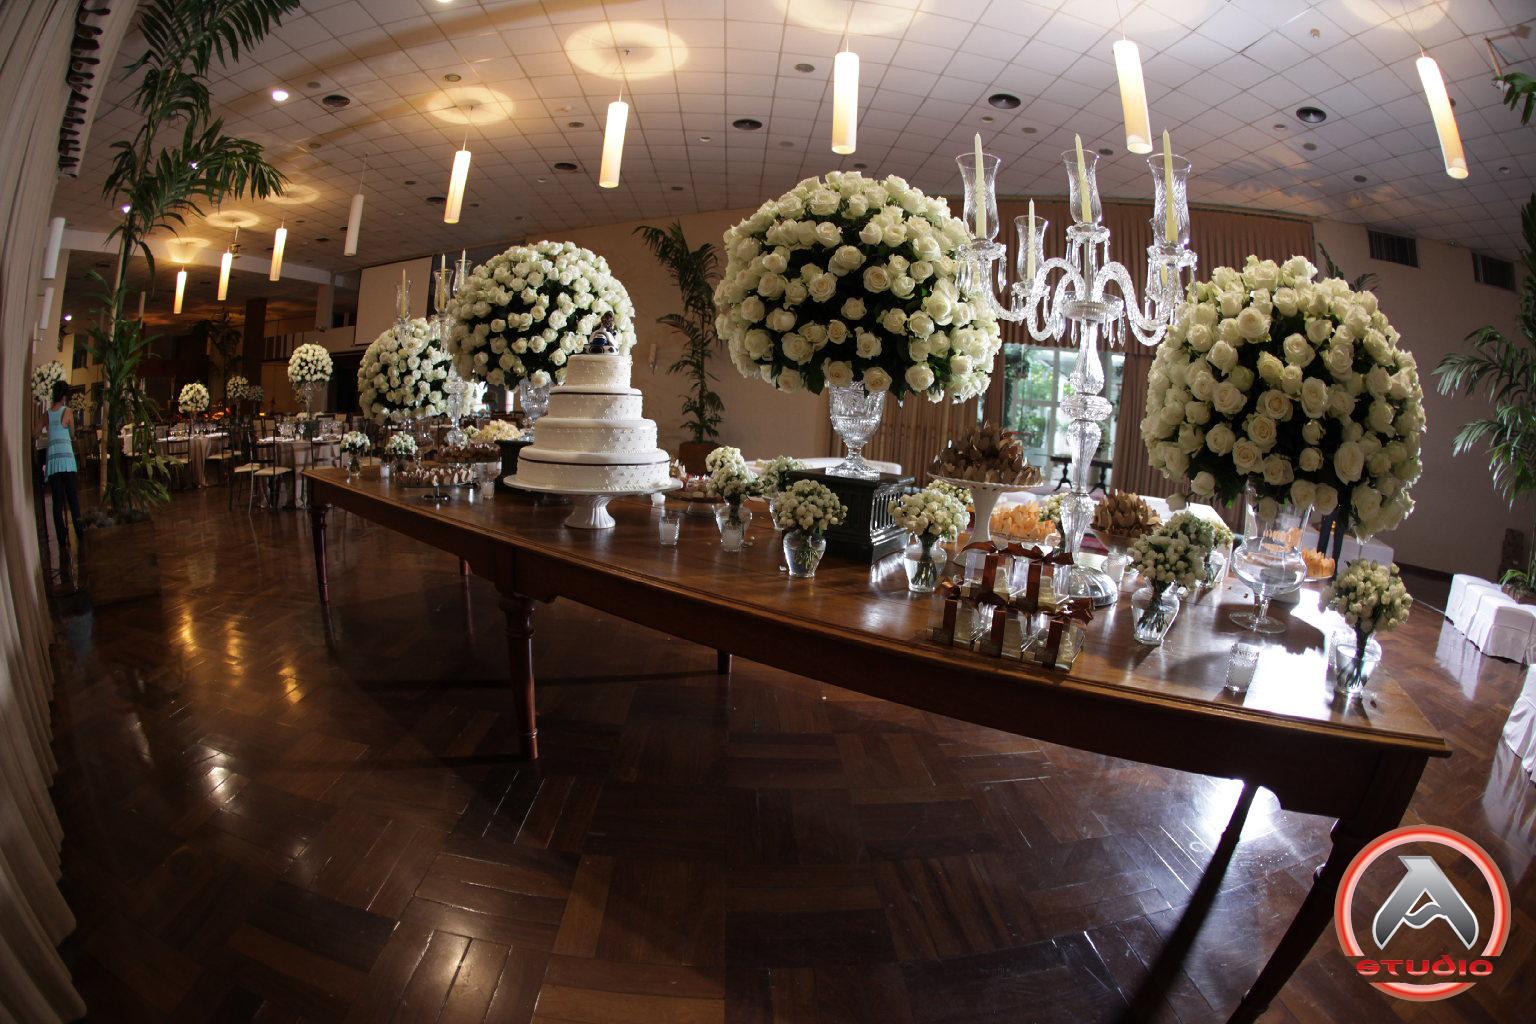 decoracao casamento moderno : decoracao casamento moderno:Ideias para decoração de festas de casamento. Estilos modernos e